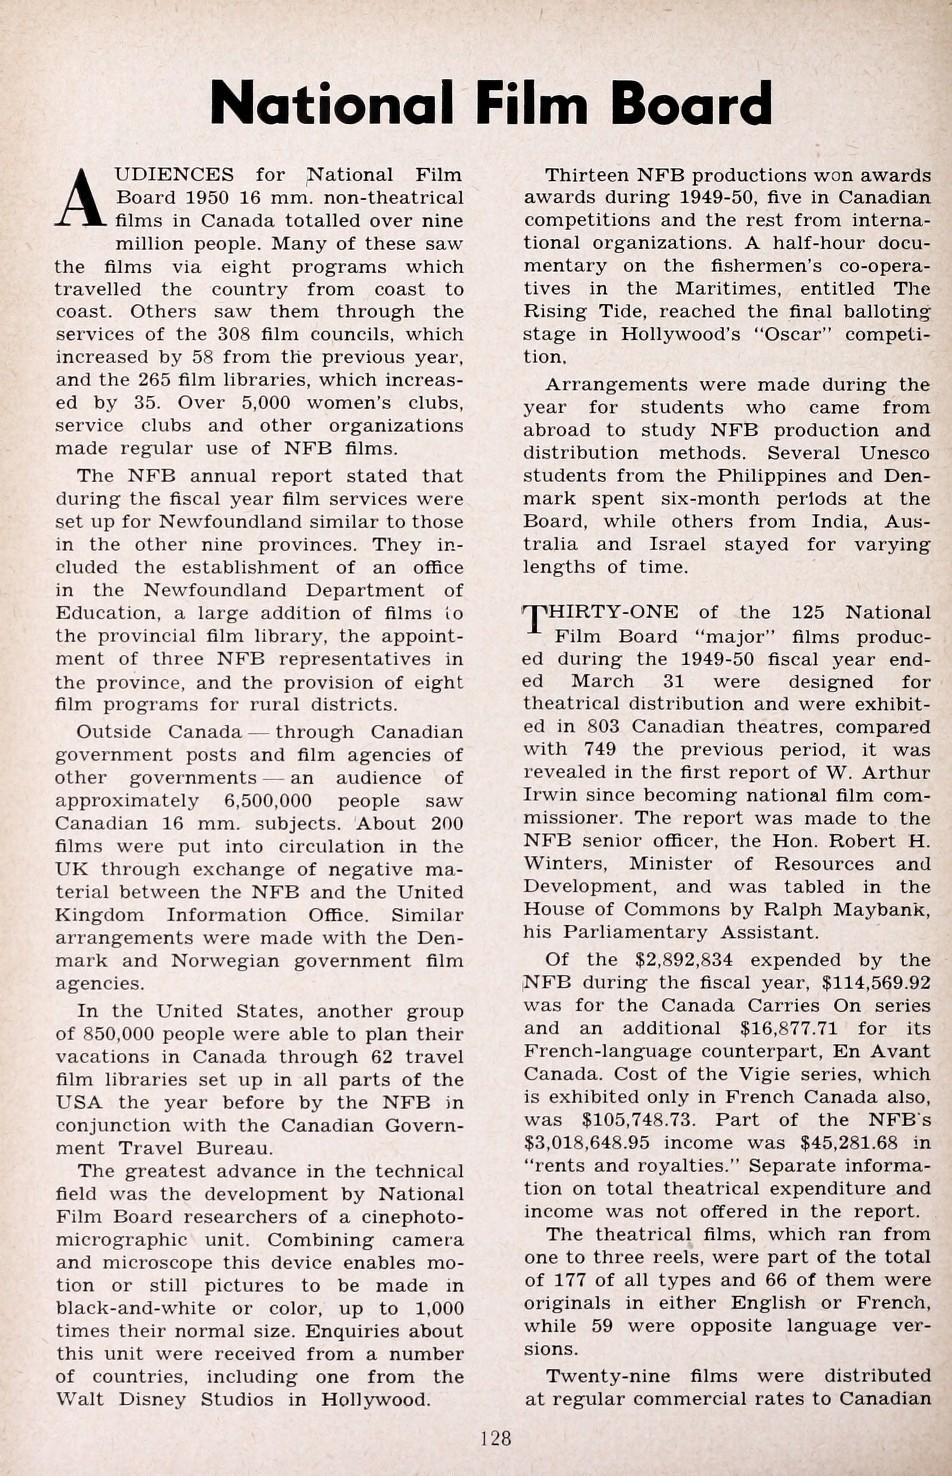 1951yearbookcana00film_jp2.zip&file=1951yearbookcana00film_jp2%2f1951yearbookcana00film_0130